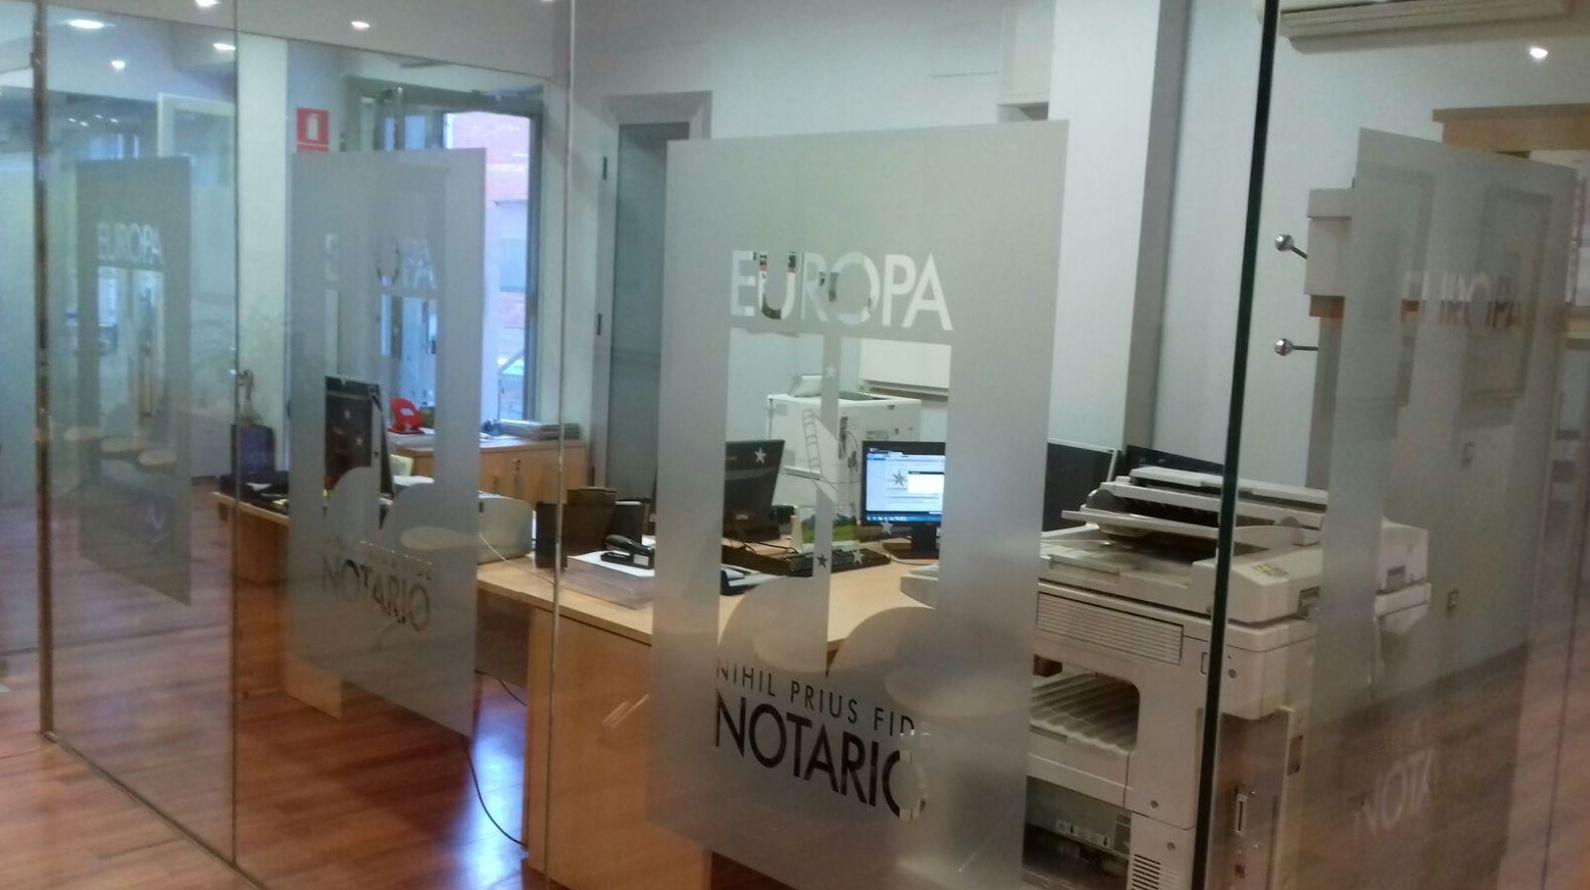 Foto 2 de Notarías en Badajoz | Notaría de Luis Plá Rubio